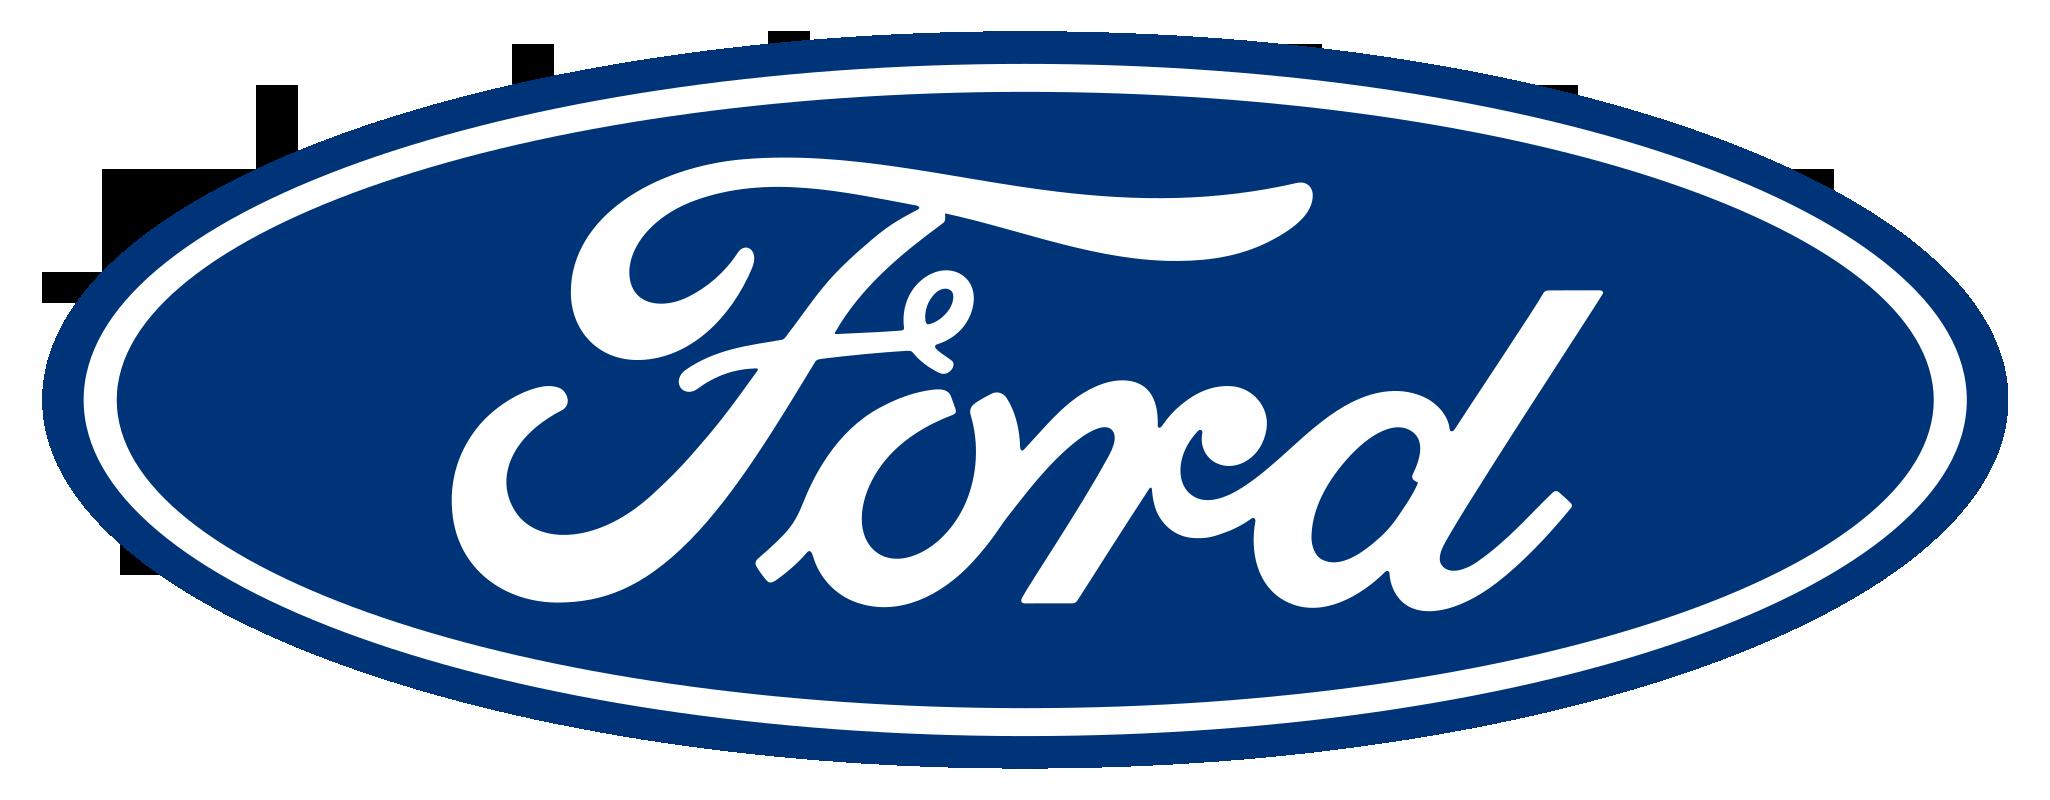 Ford Motor Co's logo